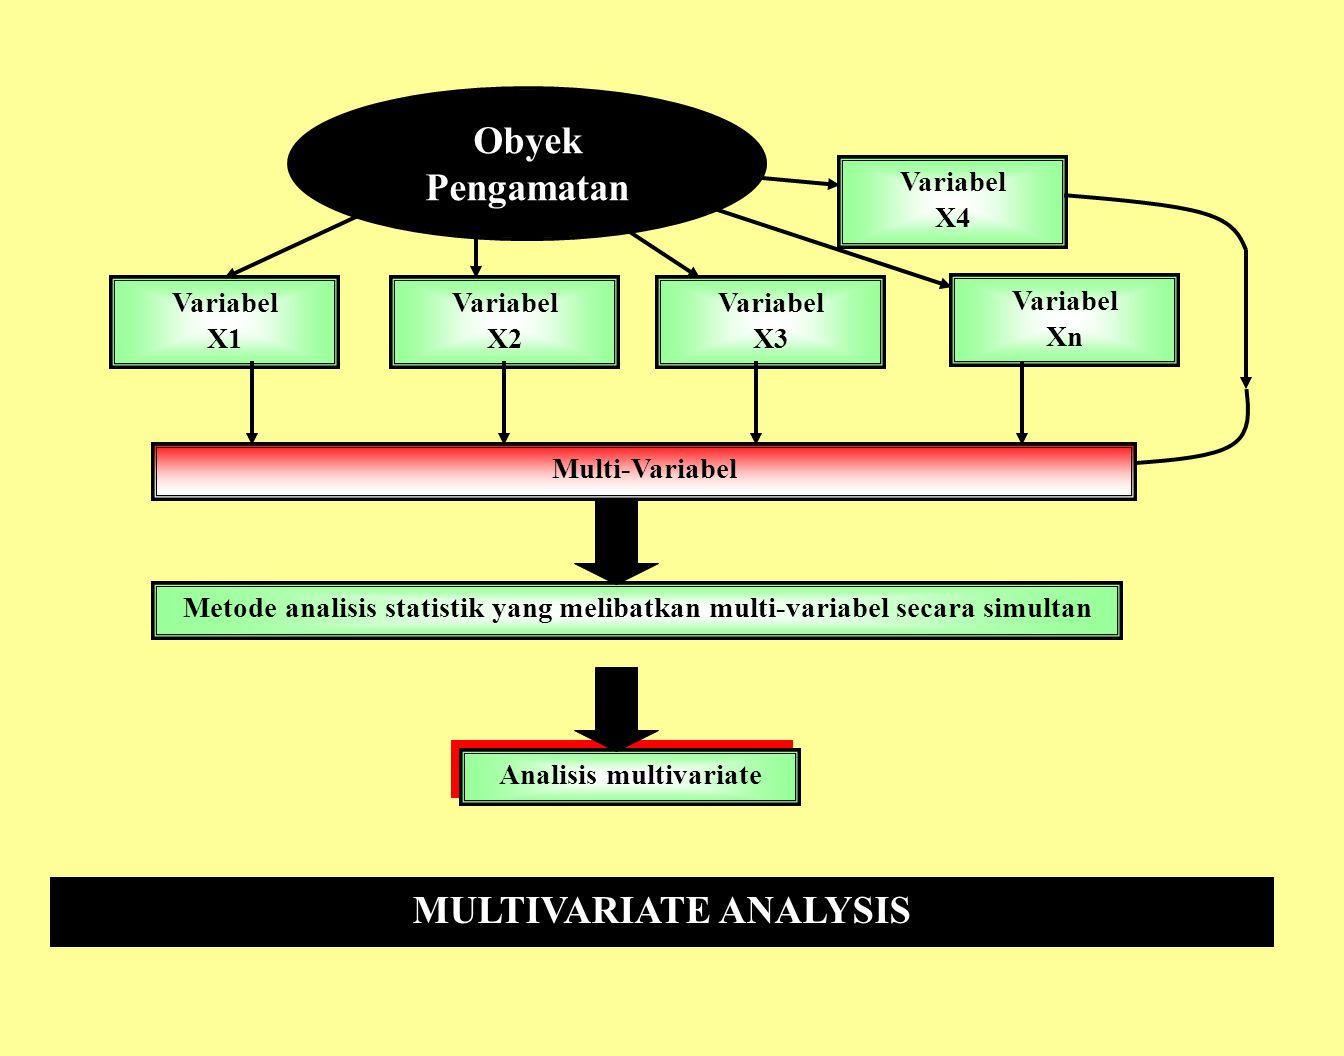 Multivariate Analysis (MA): Metode analisis yang berkenaan dengan sejumlah besar variabel yang datanya diperoleh secara simultan dari setiap obyek pengataman Multivariate Analysis (MA): Metode analisis yang berkenaan dengan sejumlah besar variabel yang datanya diperoleh secara simultan dari setiap obyek pengataman Hubungan-hubungan antar variabel secara simultan ( = Analisis Peubah Ganda) Hubungan-hubungan antar variabel secara simultan ( = Analisis Peubah Ganda) Proses perhitungannya sangat kompleks Dalam proses perhitungannya menggunakan pendekatan matriks Determinan Matriks, Pangkat Matriks, Matriks Kebalikan, Eigen Value, Eigen Vector, dll.